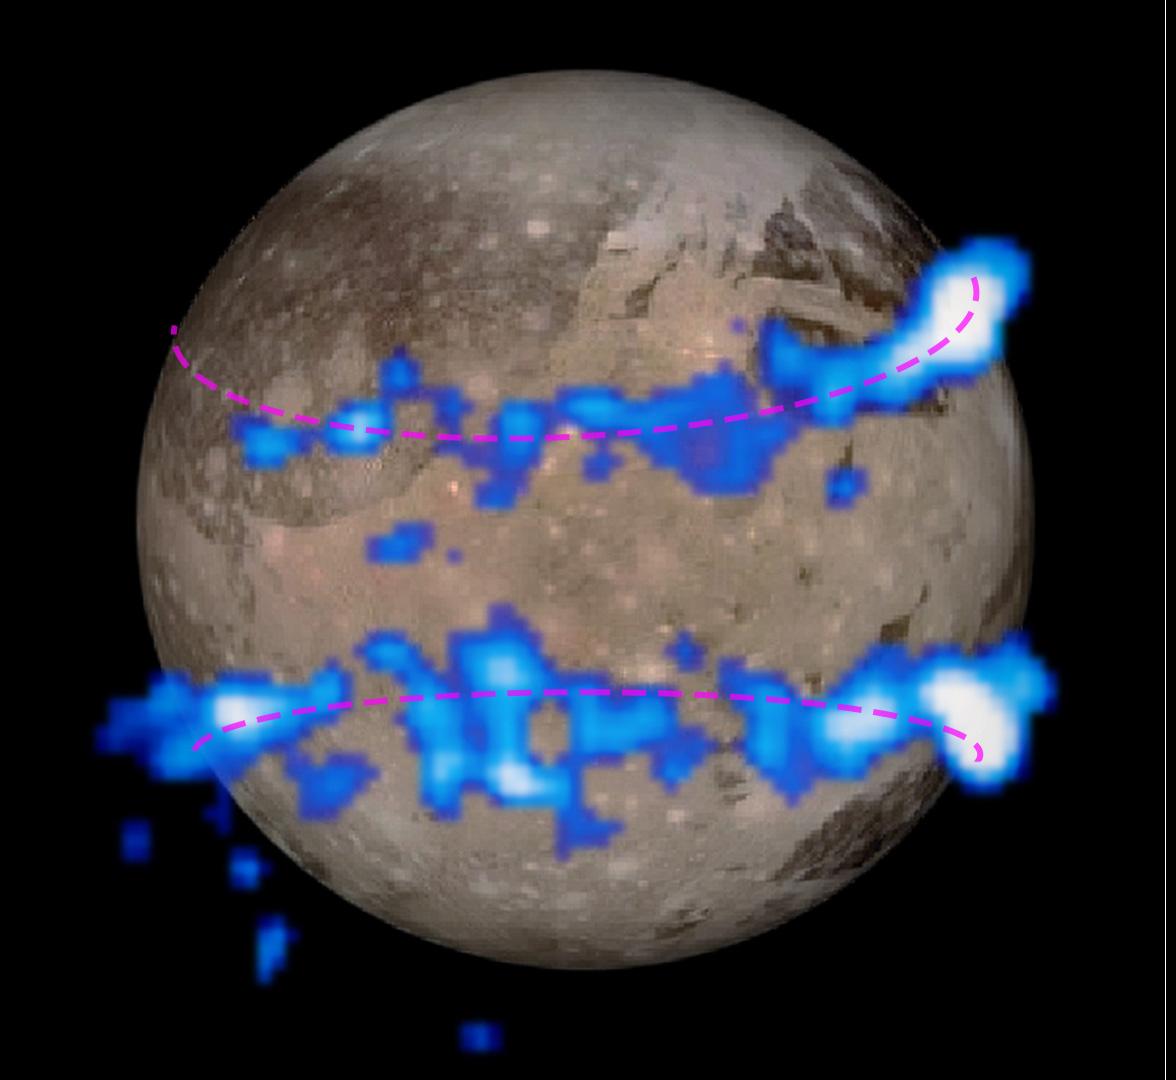 ganymede-auroral-belts-hst-jupiter-moon